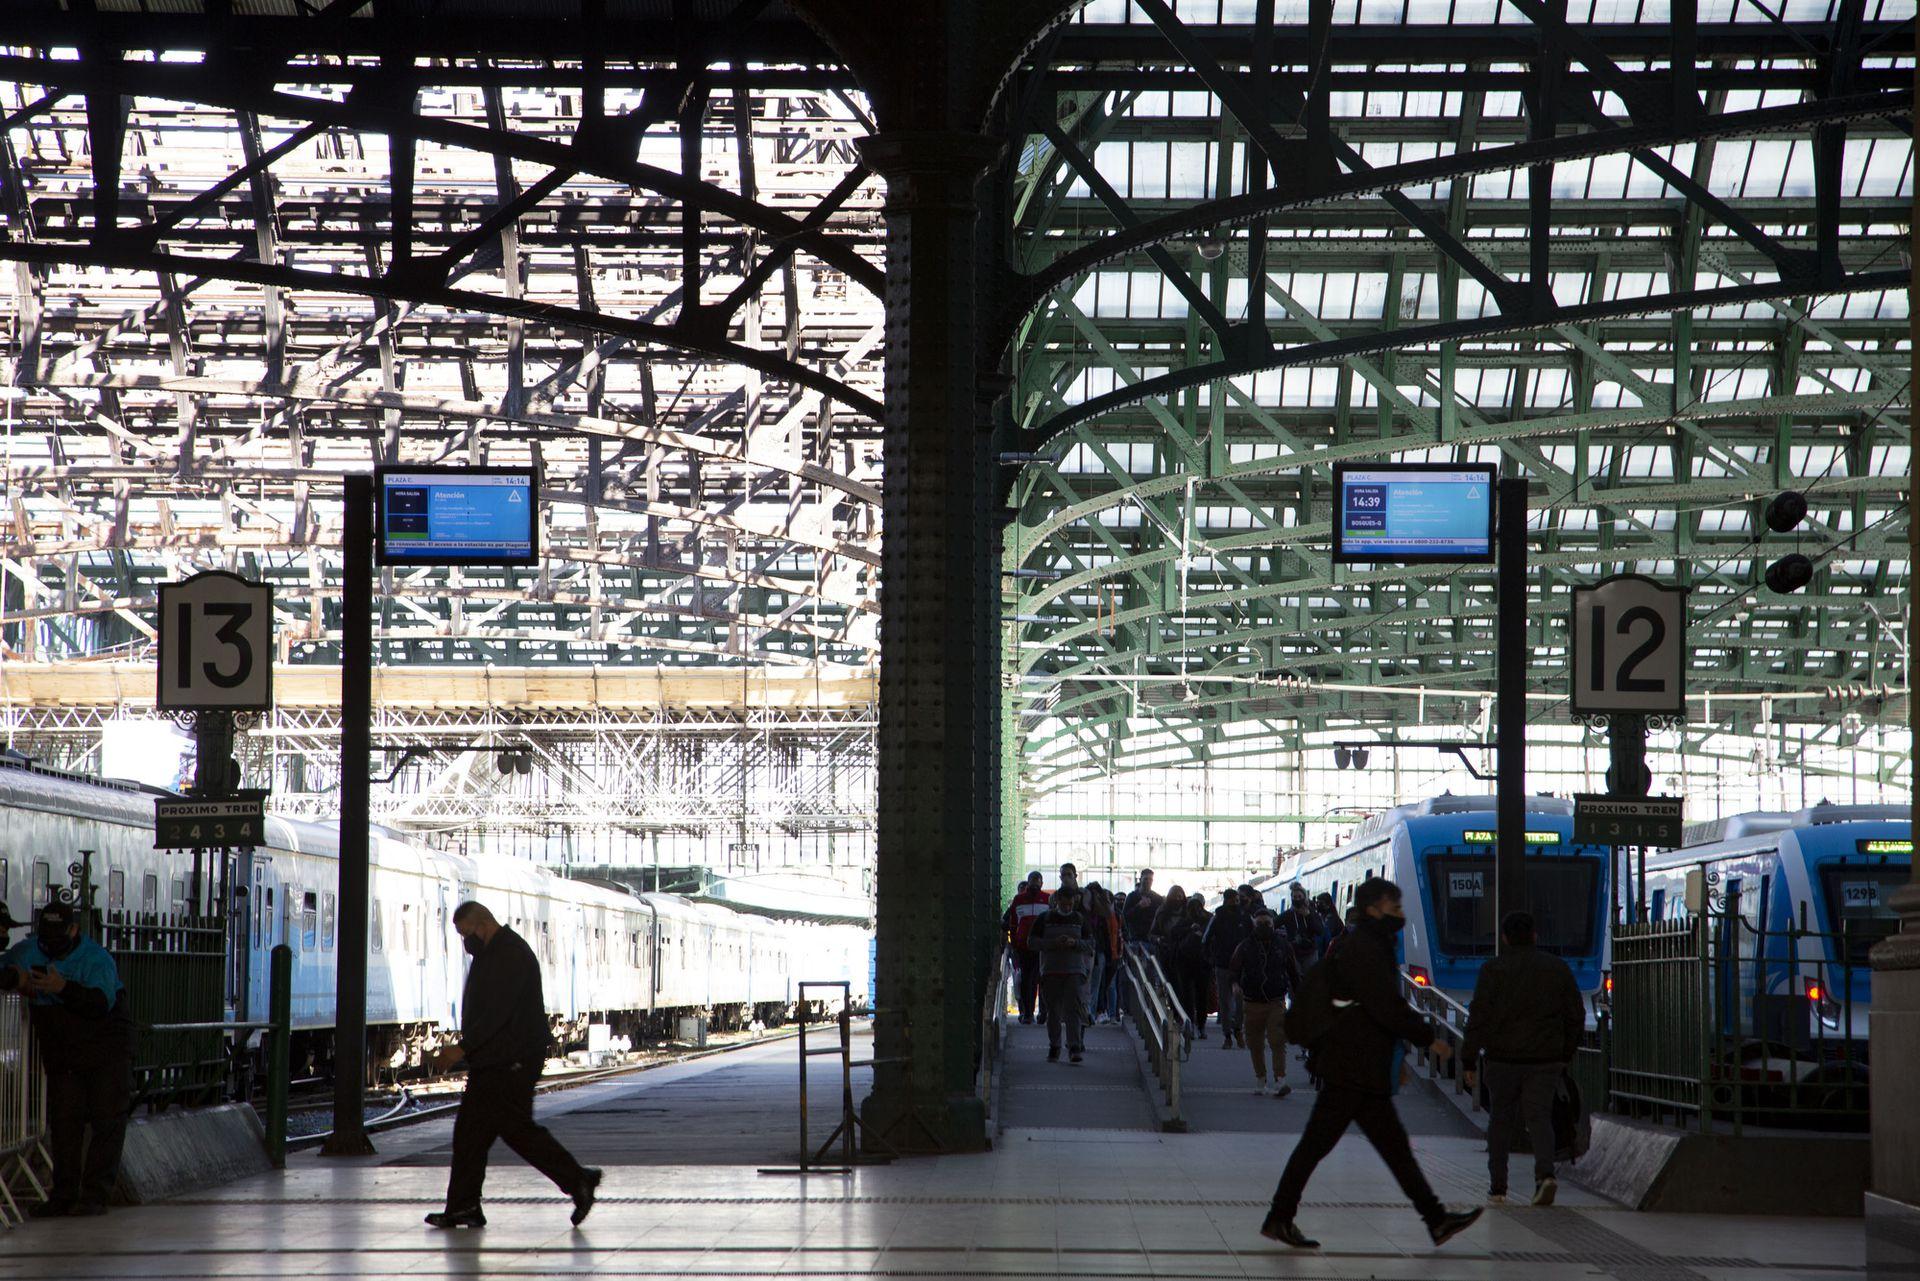 Los andenes de la estación central Constitución, que fue recientemente restaurada